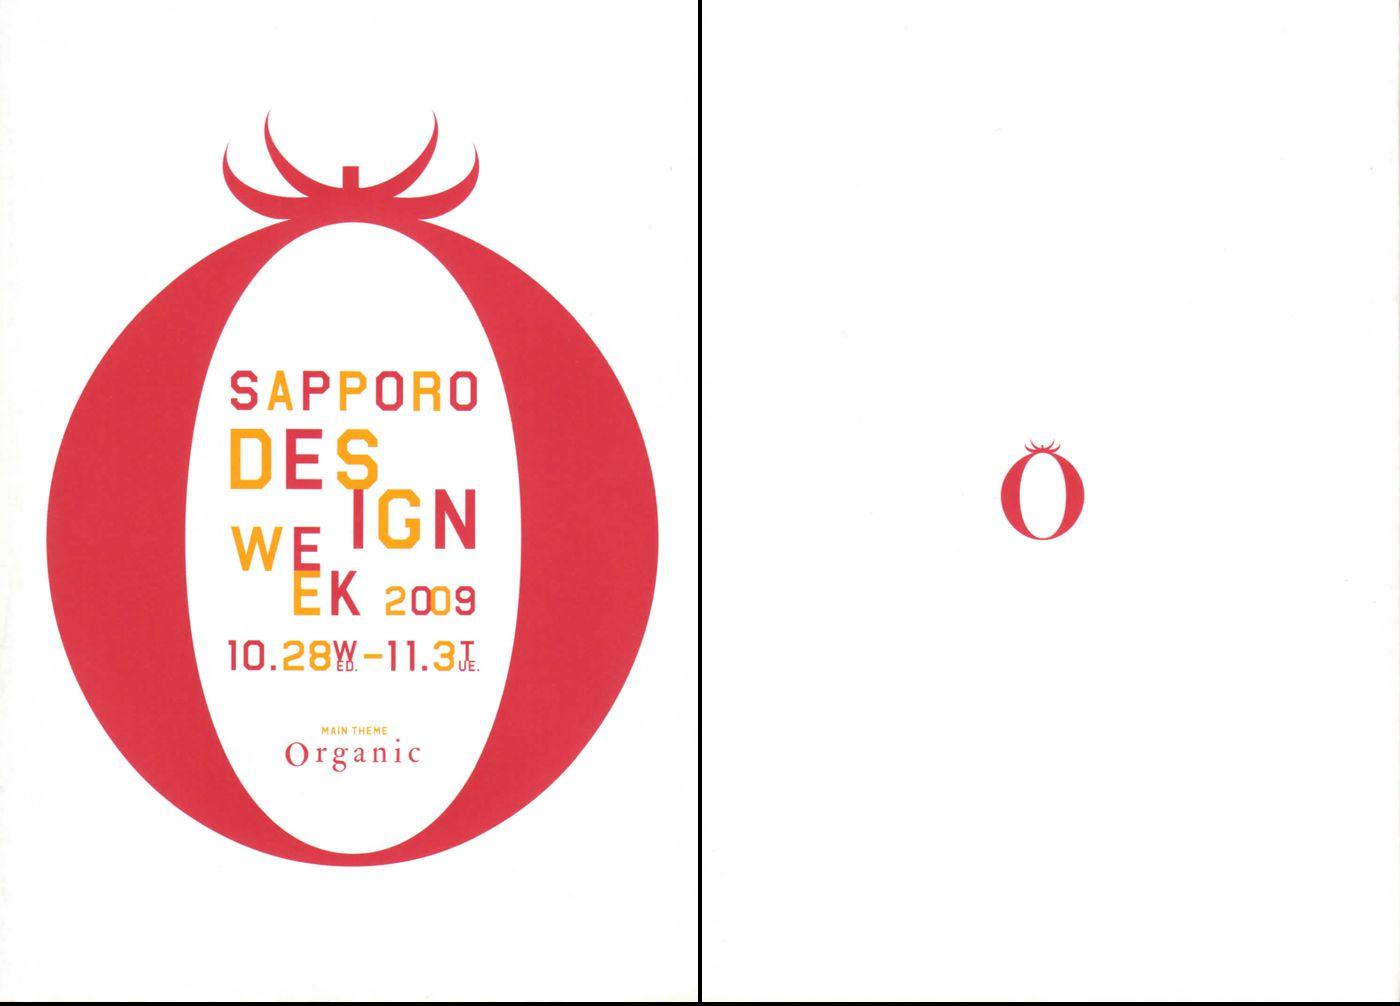 SAPPORO DESIGNER´S WEEK 2009